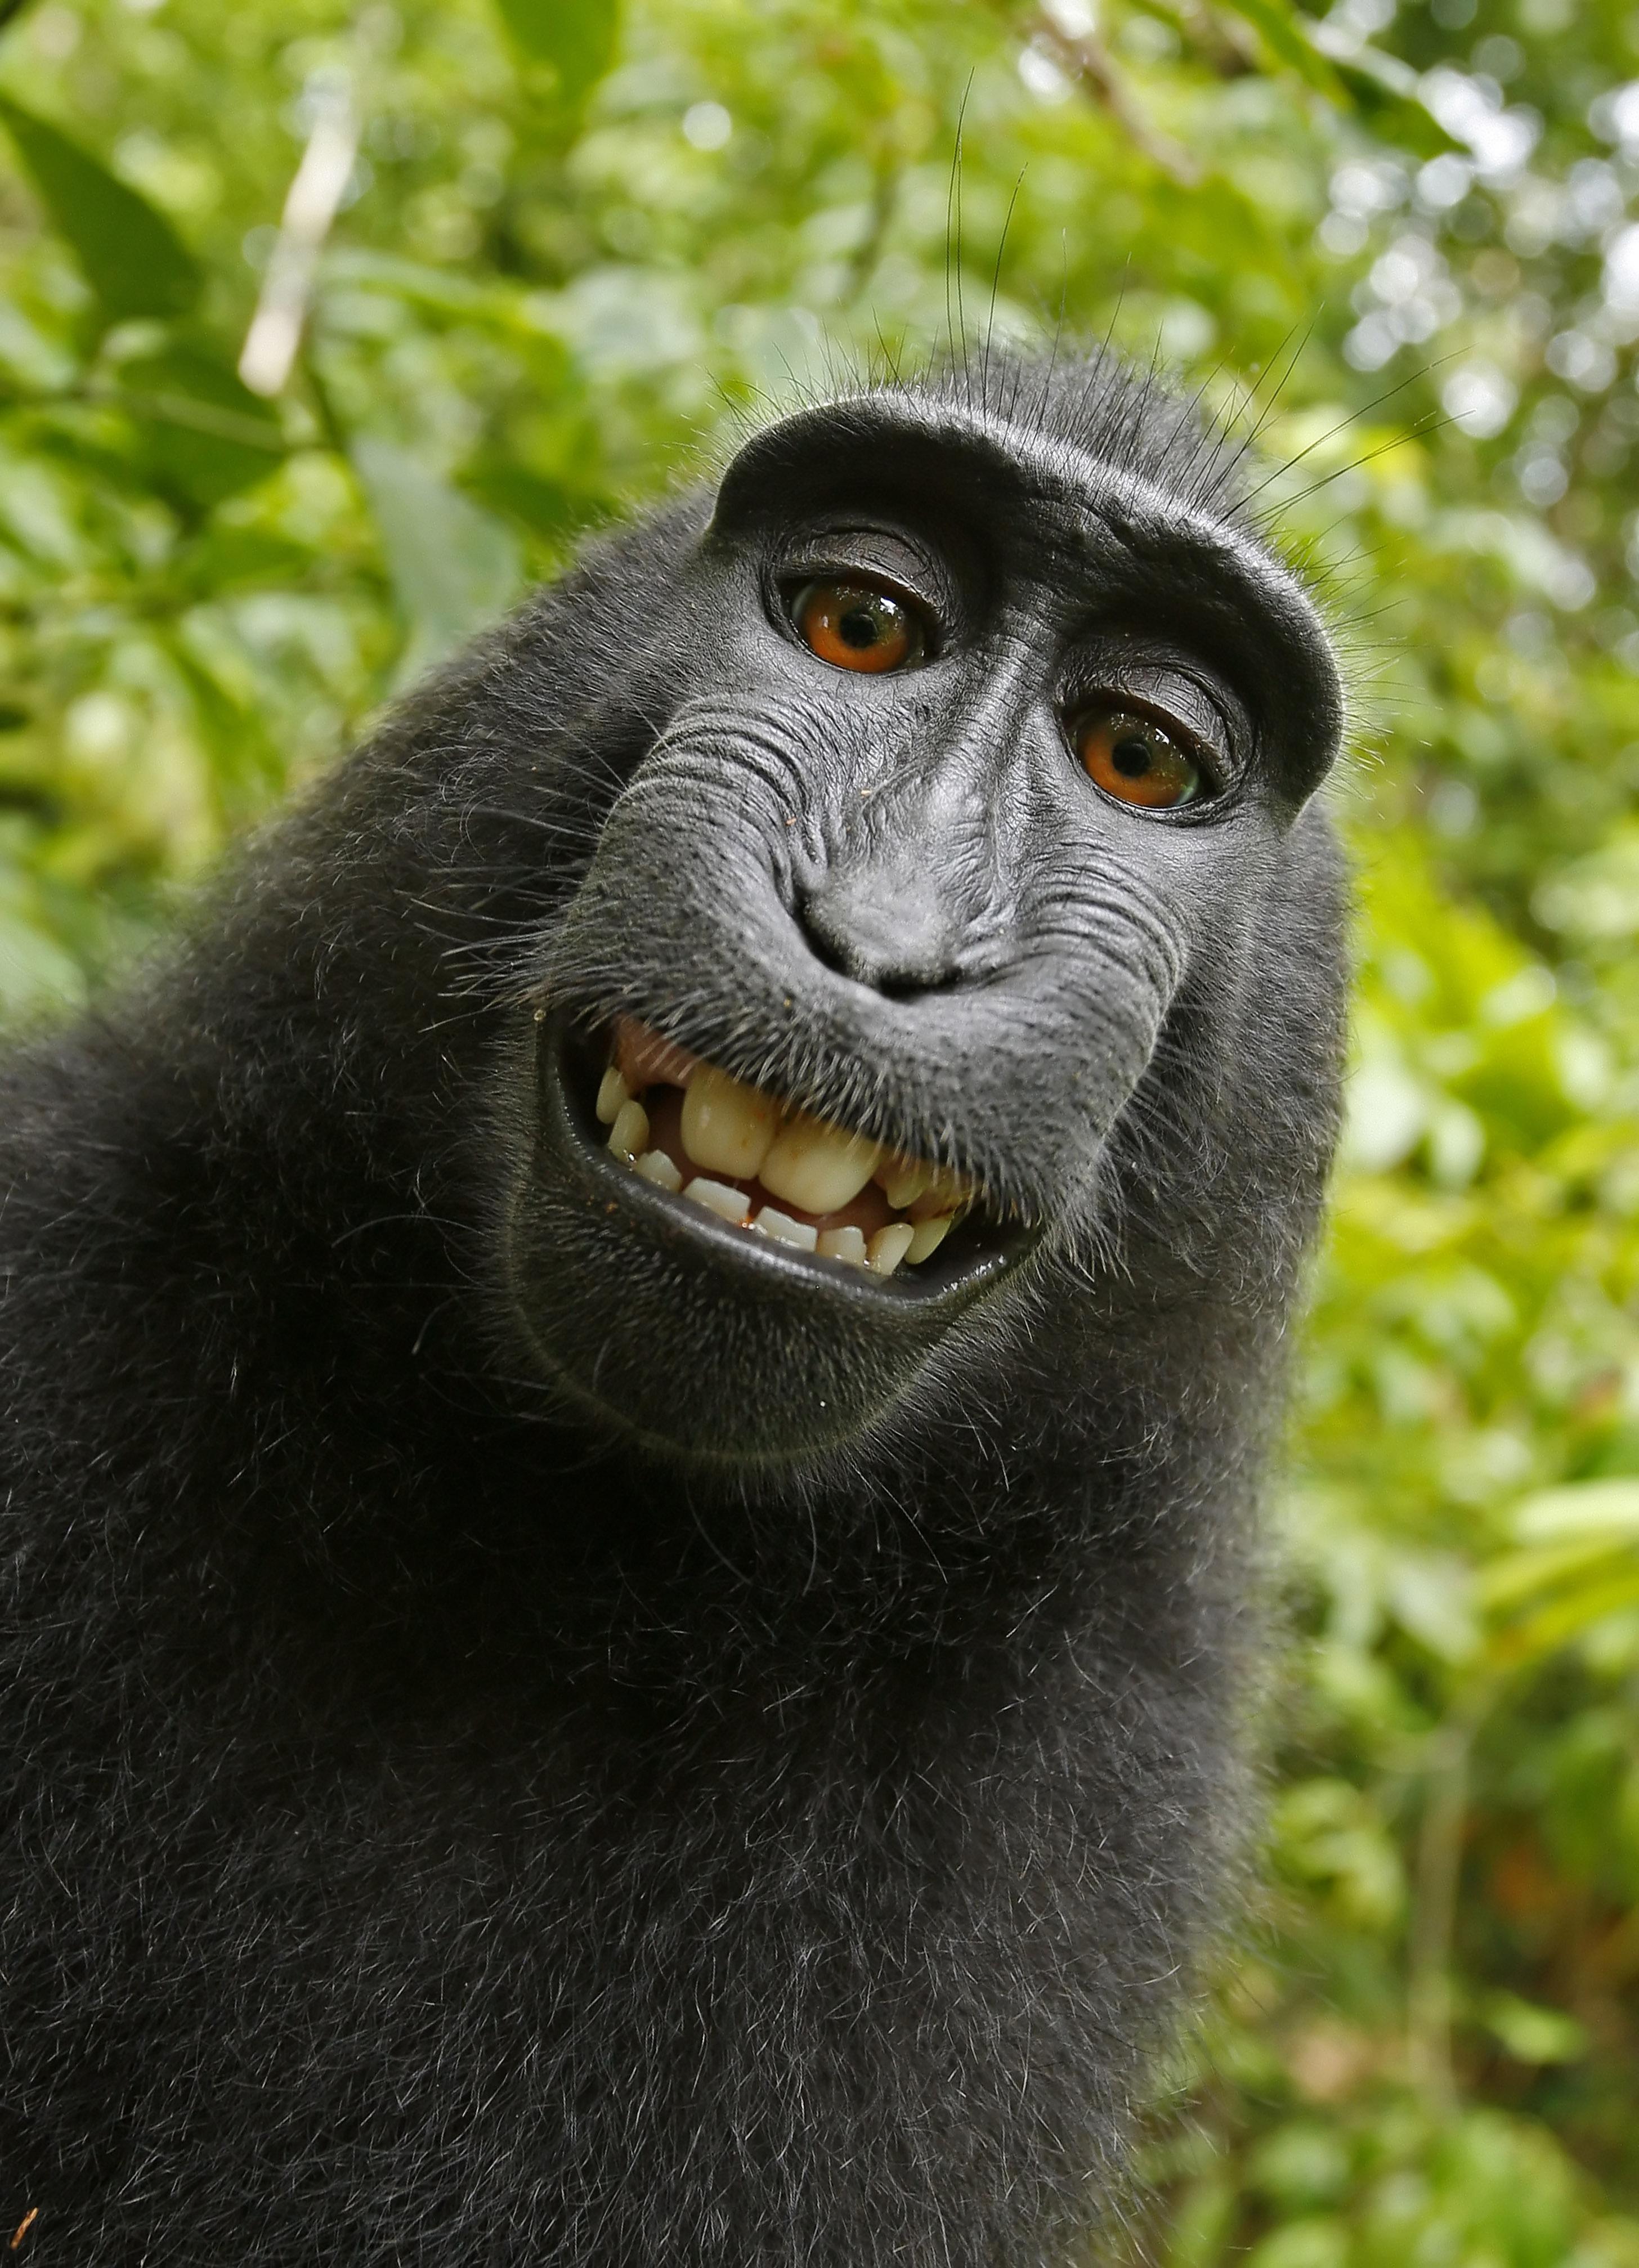 Monkey selfie - Wikipedia